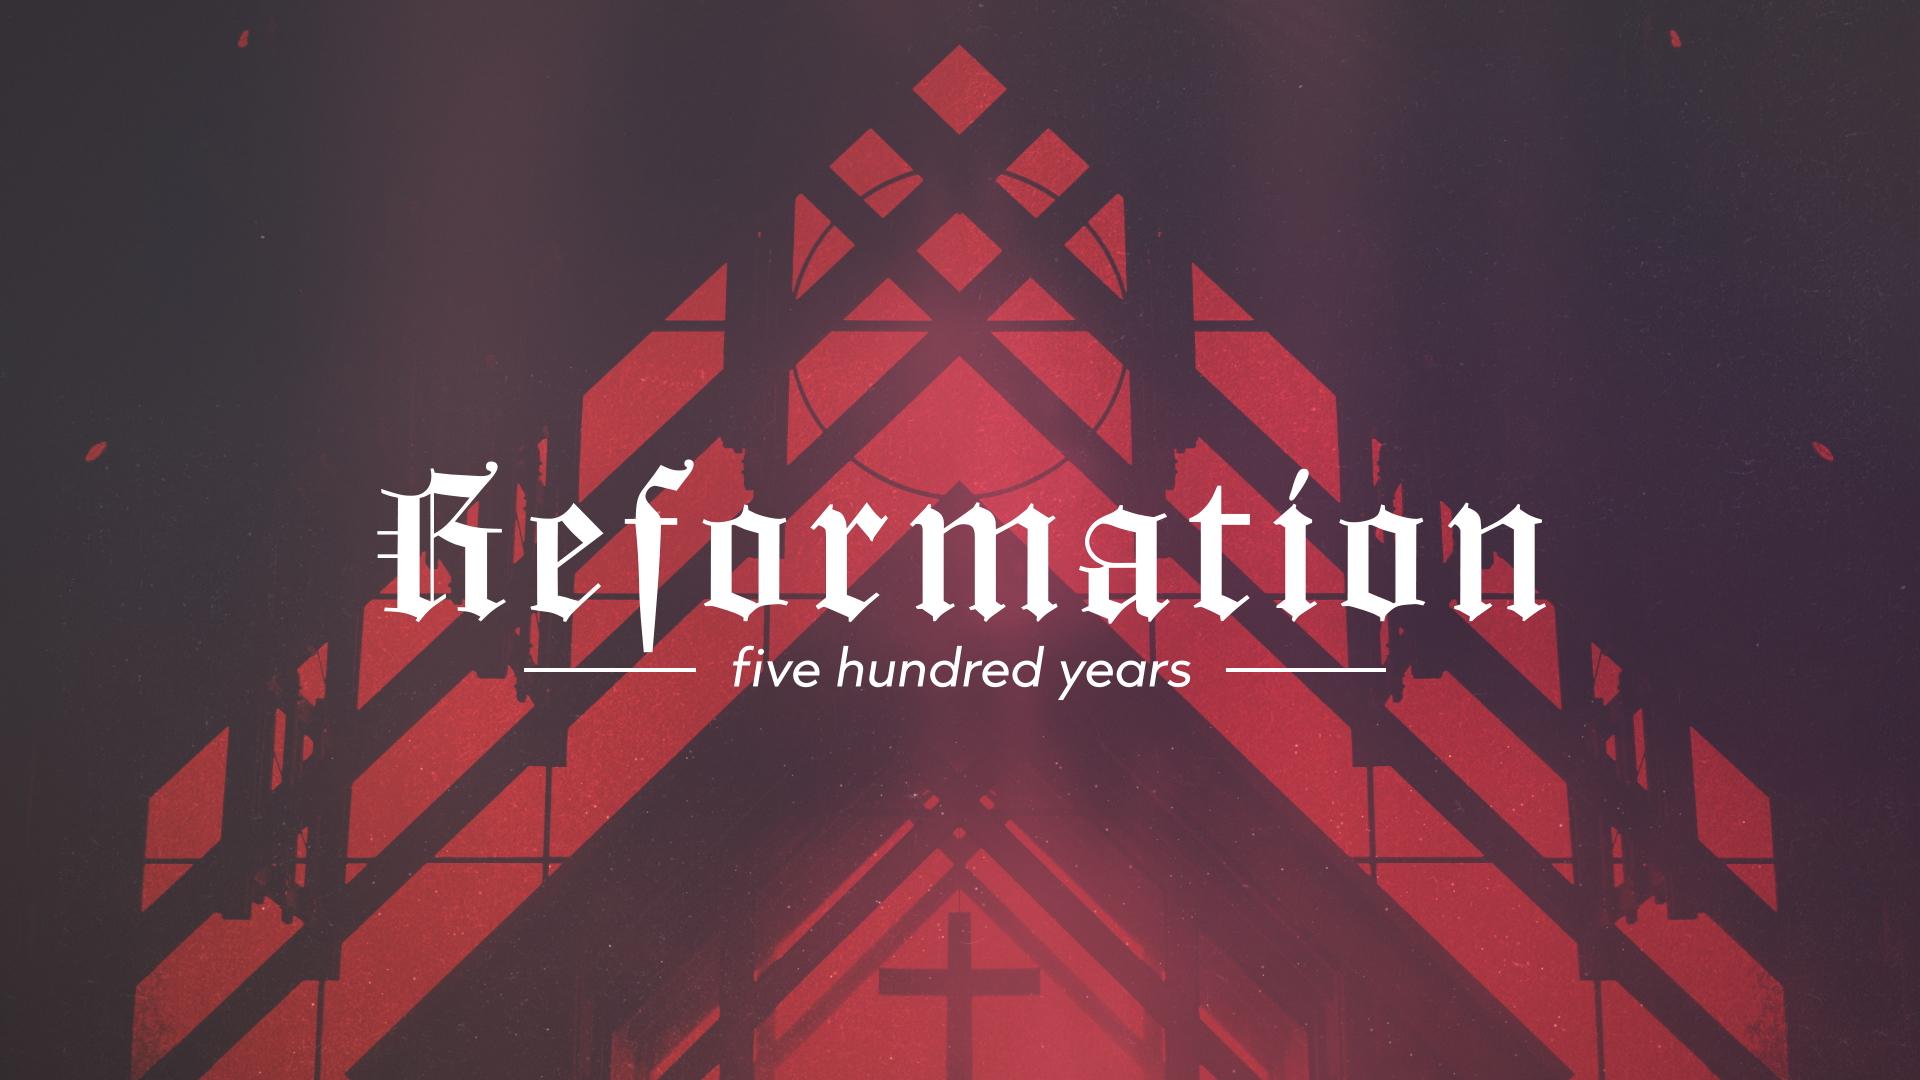 reformation-title-still.jpg